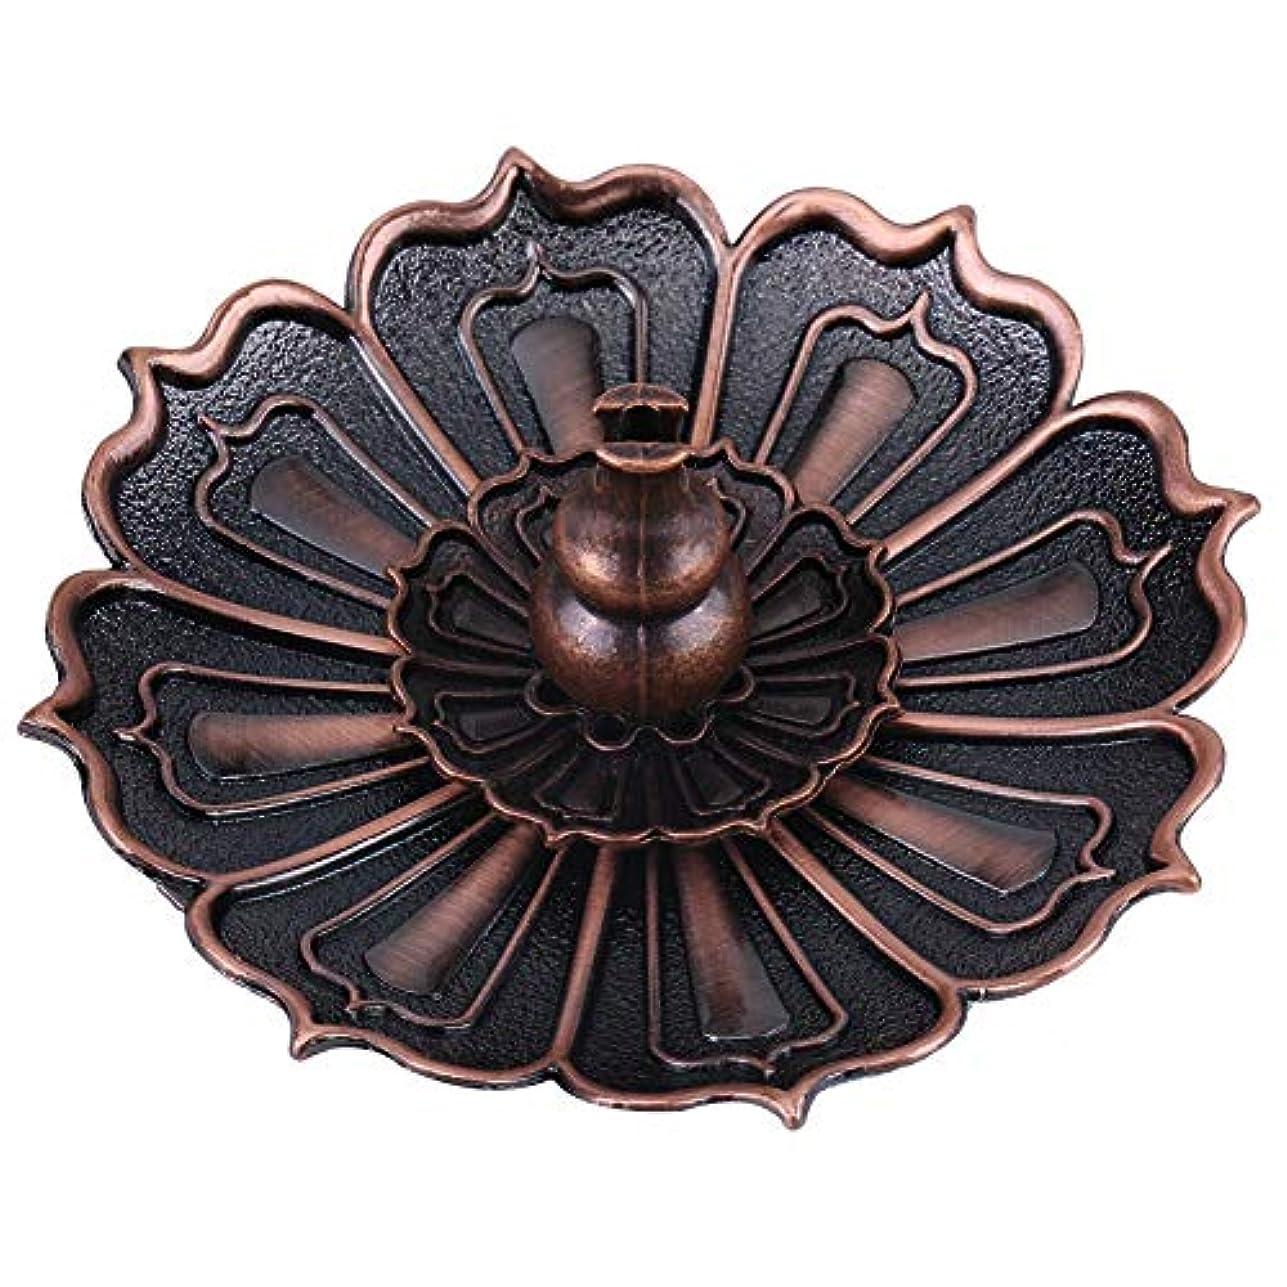 ドリル抜本的なペルセウス蓮の花の形の香ホルダー - 線香炉 香立て お香用具 お線香用可 アロマ香炉9×3.5センチメートル